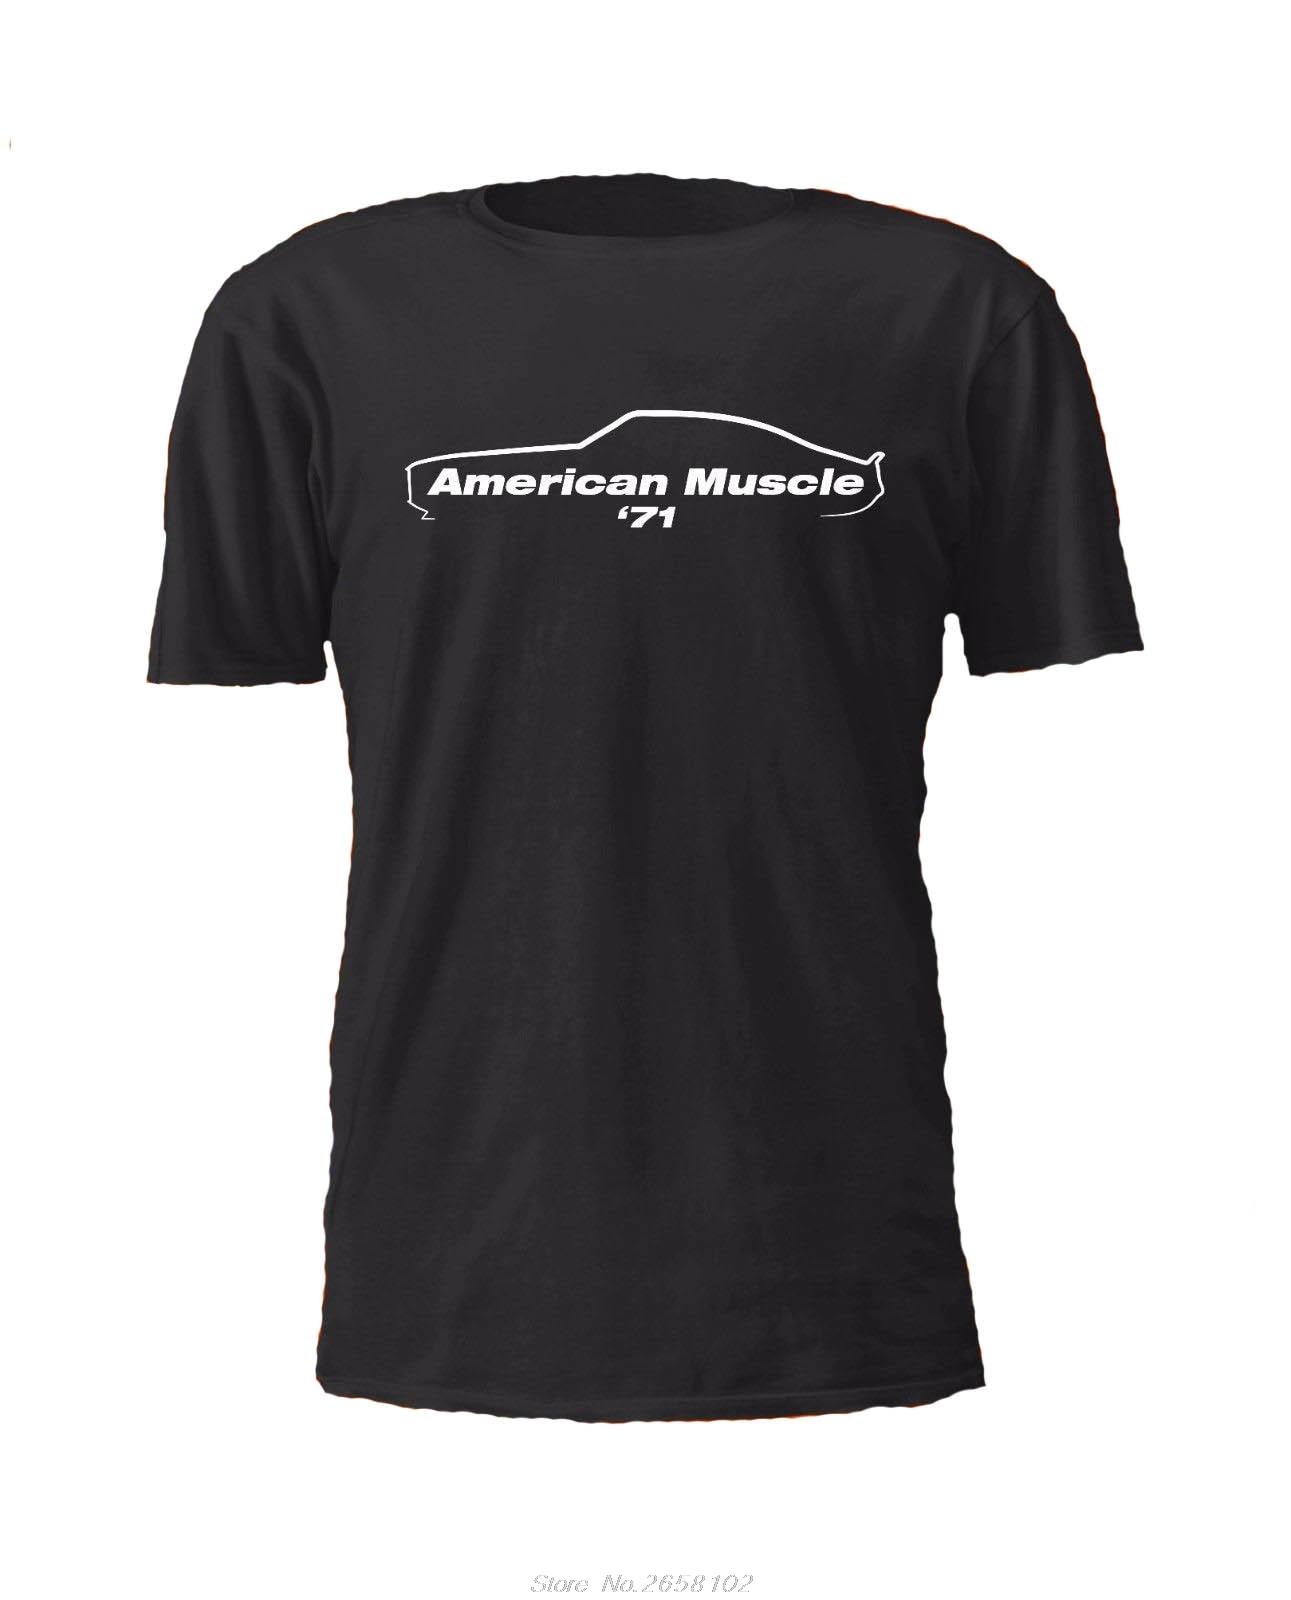 Летняя забавная Мужская футболка 1971 Gen 2 Camaro Американская с машинками Chevy petrohead